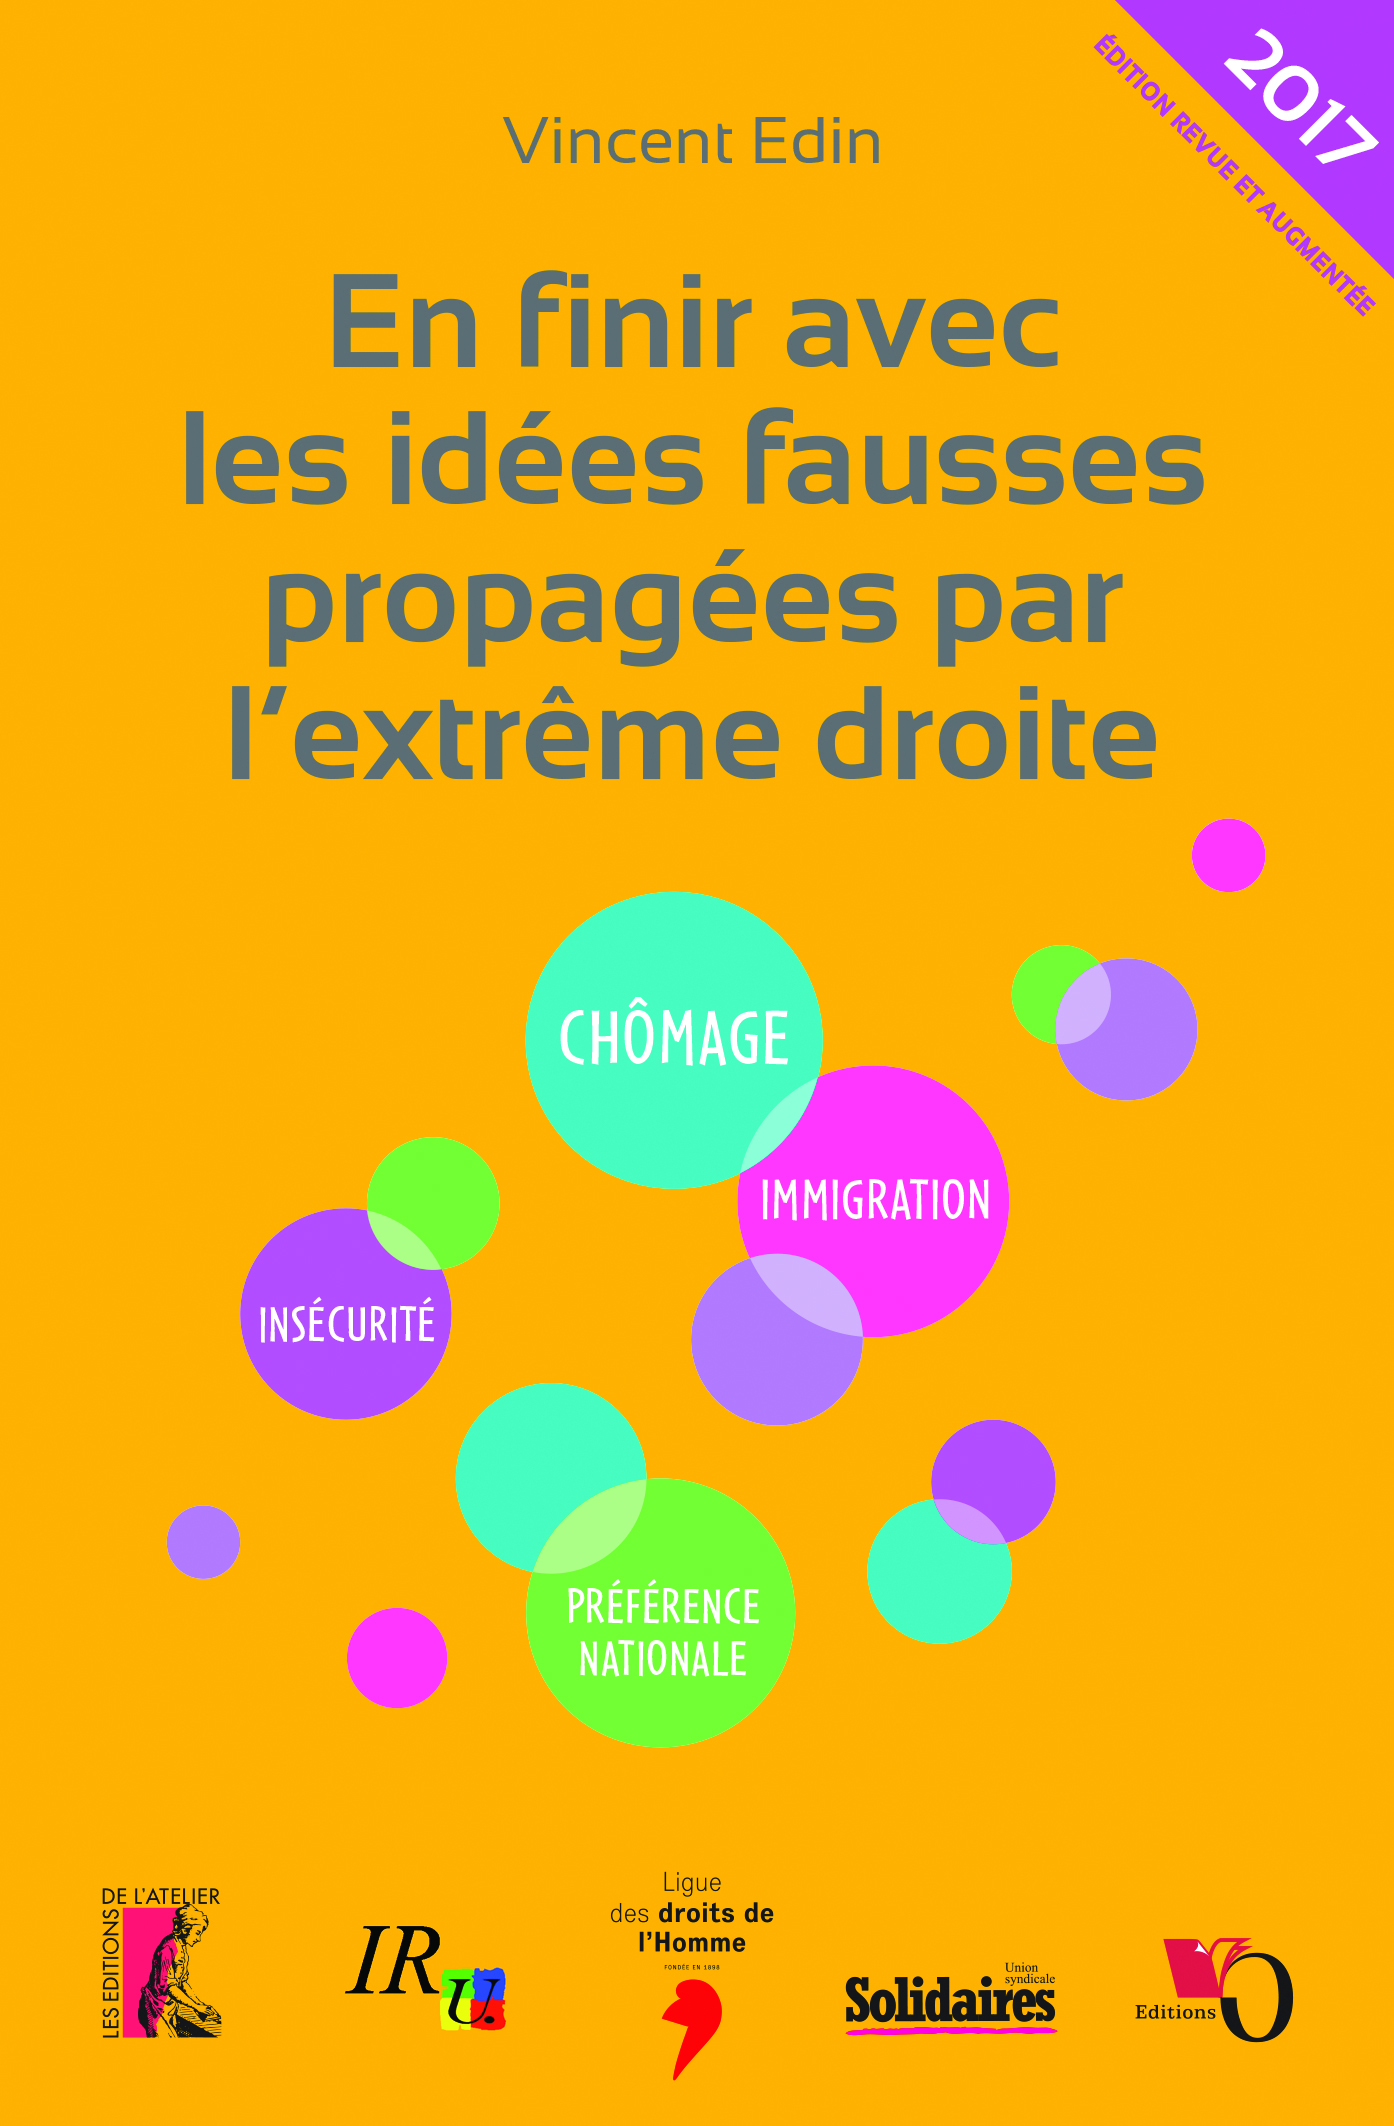 https://editionsatelier.com/boutique/democratie/121-en-finir-avec-les-idees-fausses-propagees-par-l-extreme-droite-.html